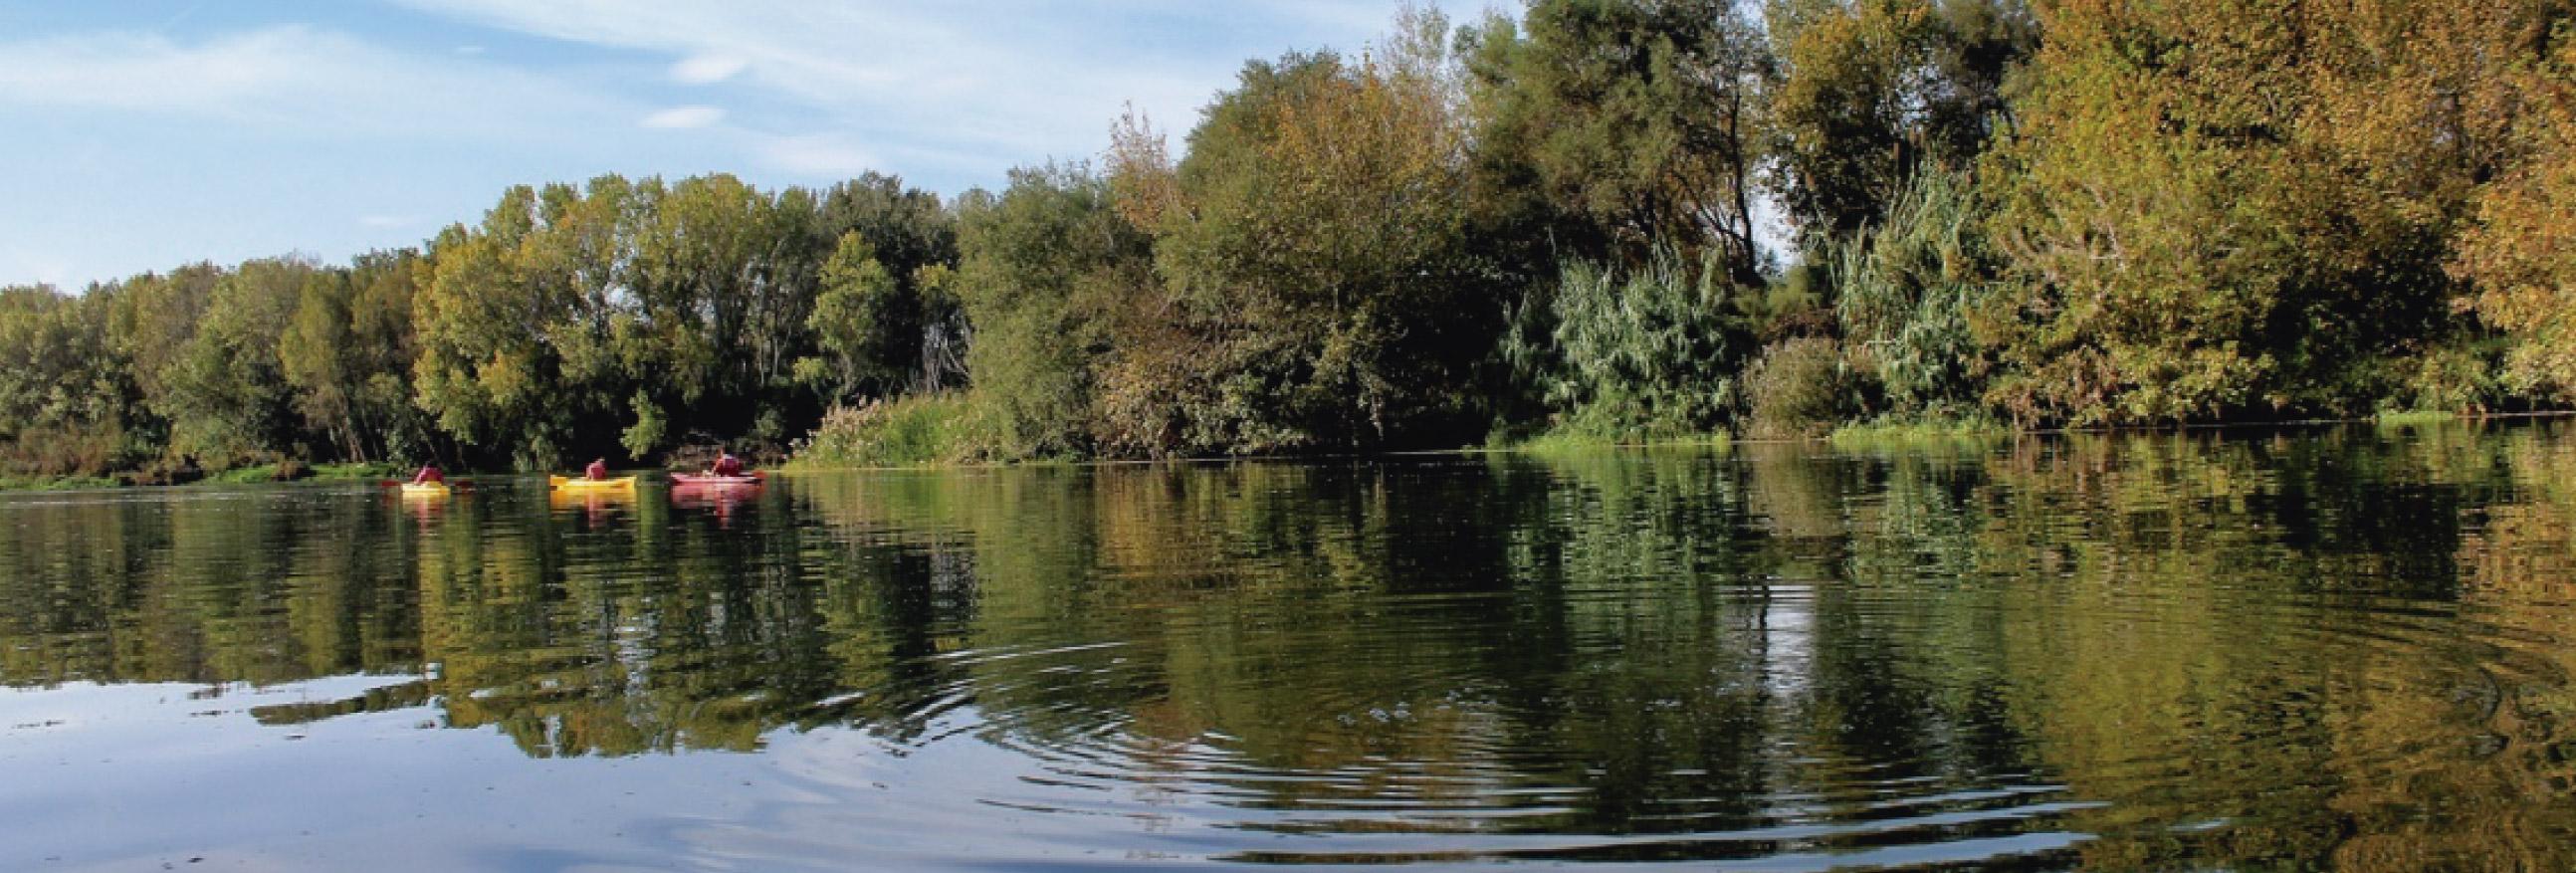 navegar amb piragua o caiac riu ebre 2-01